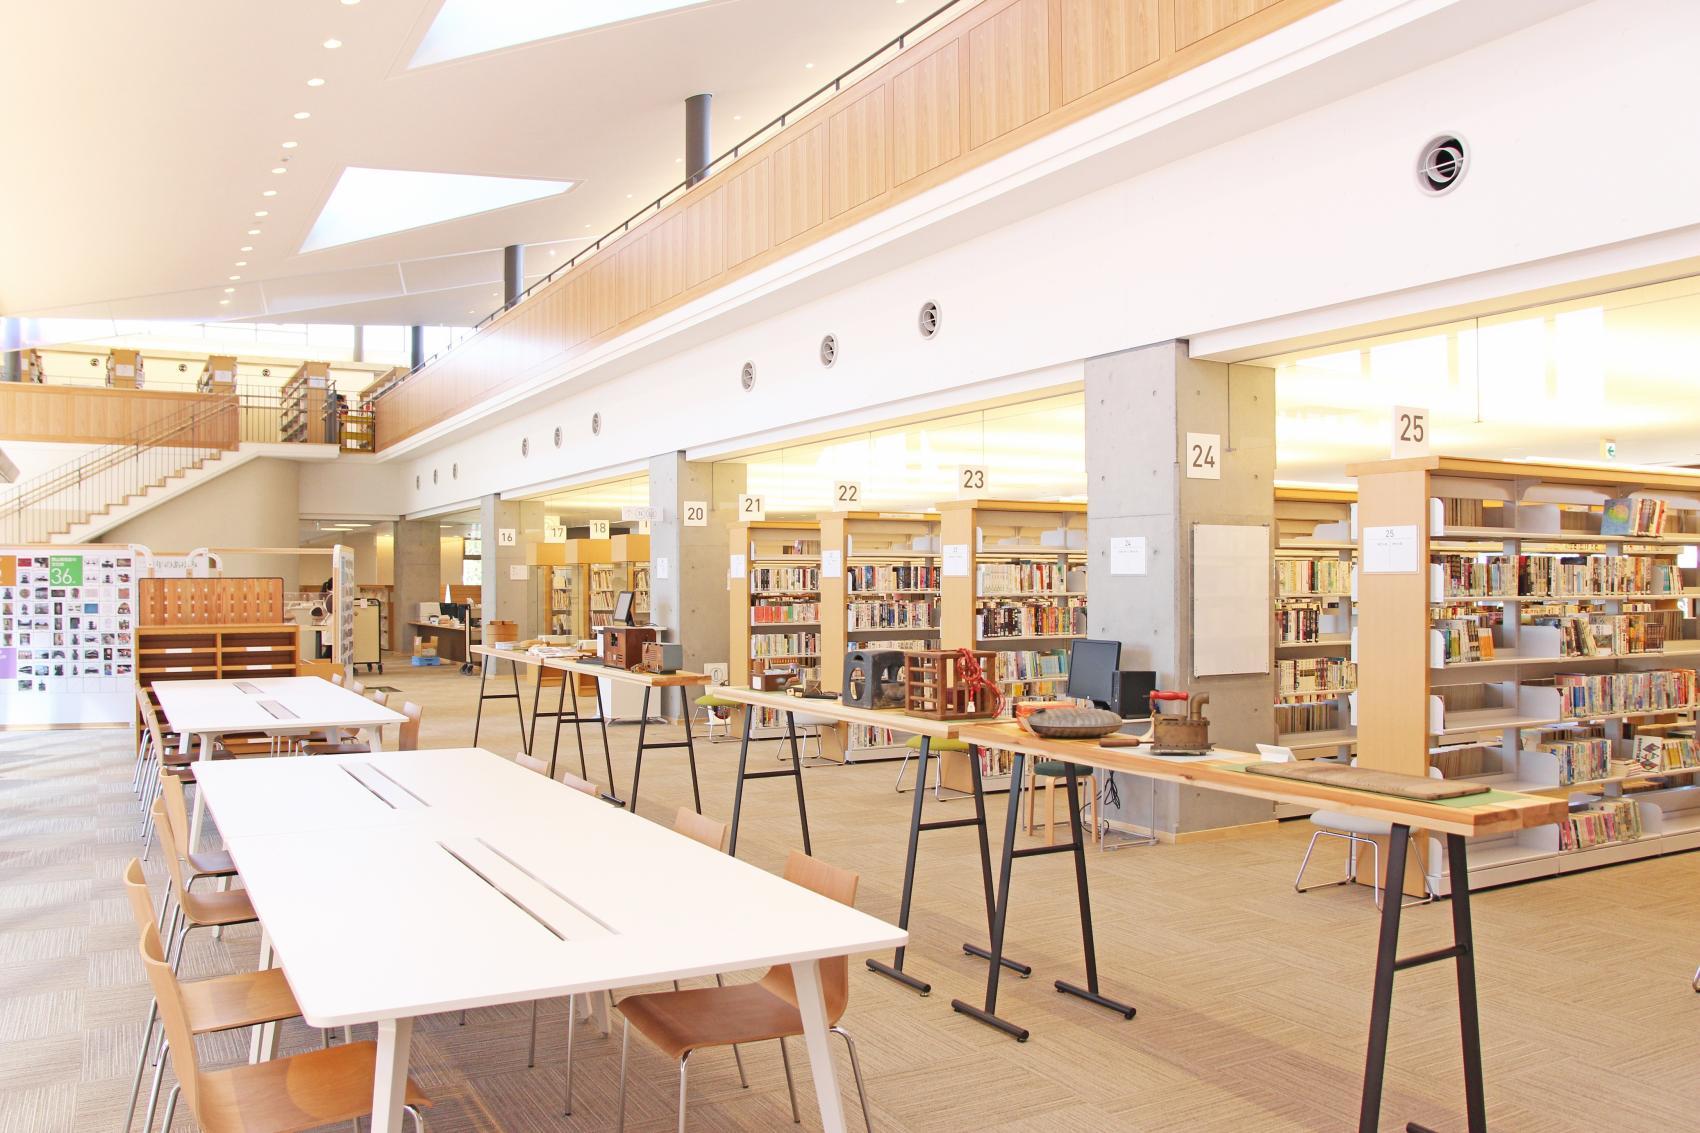 瀬戸内市民図書館 もみわ広場-1